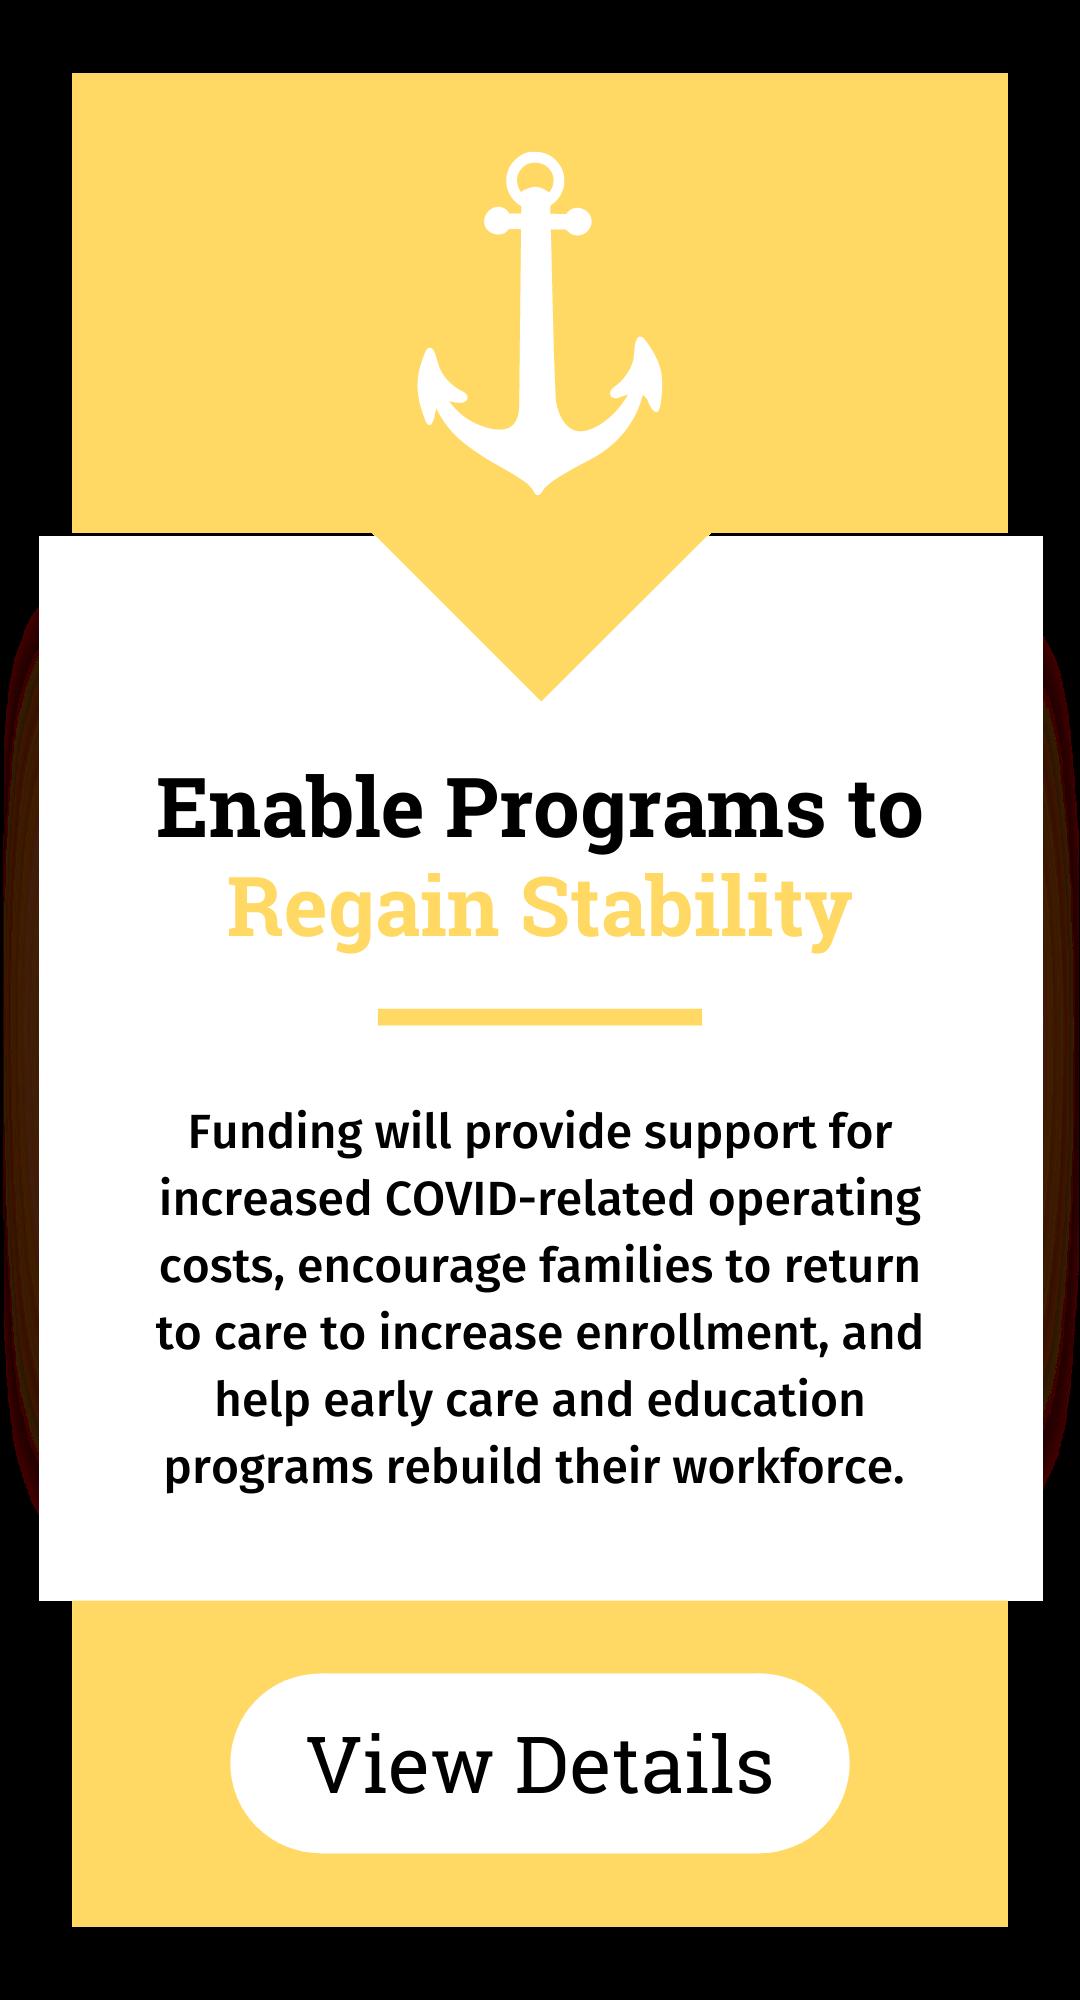 Enable programs